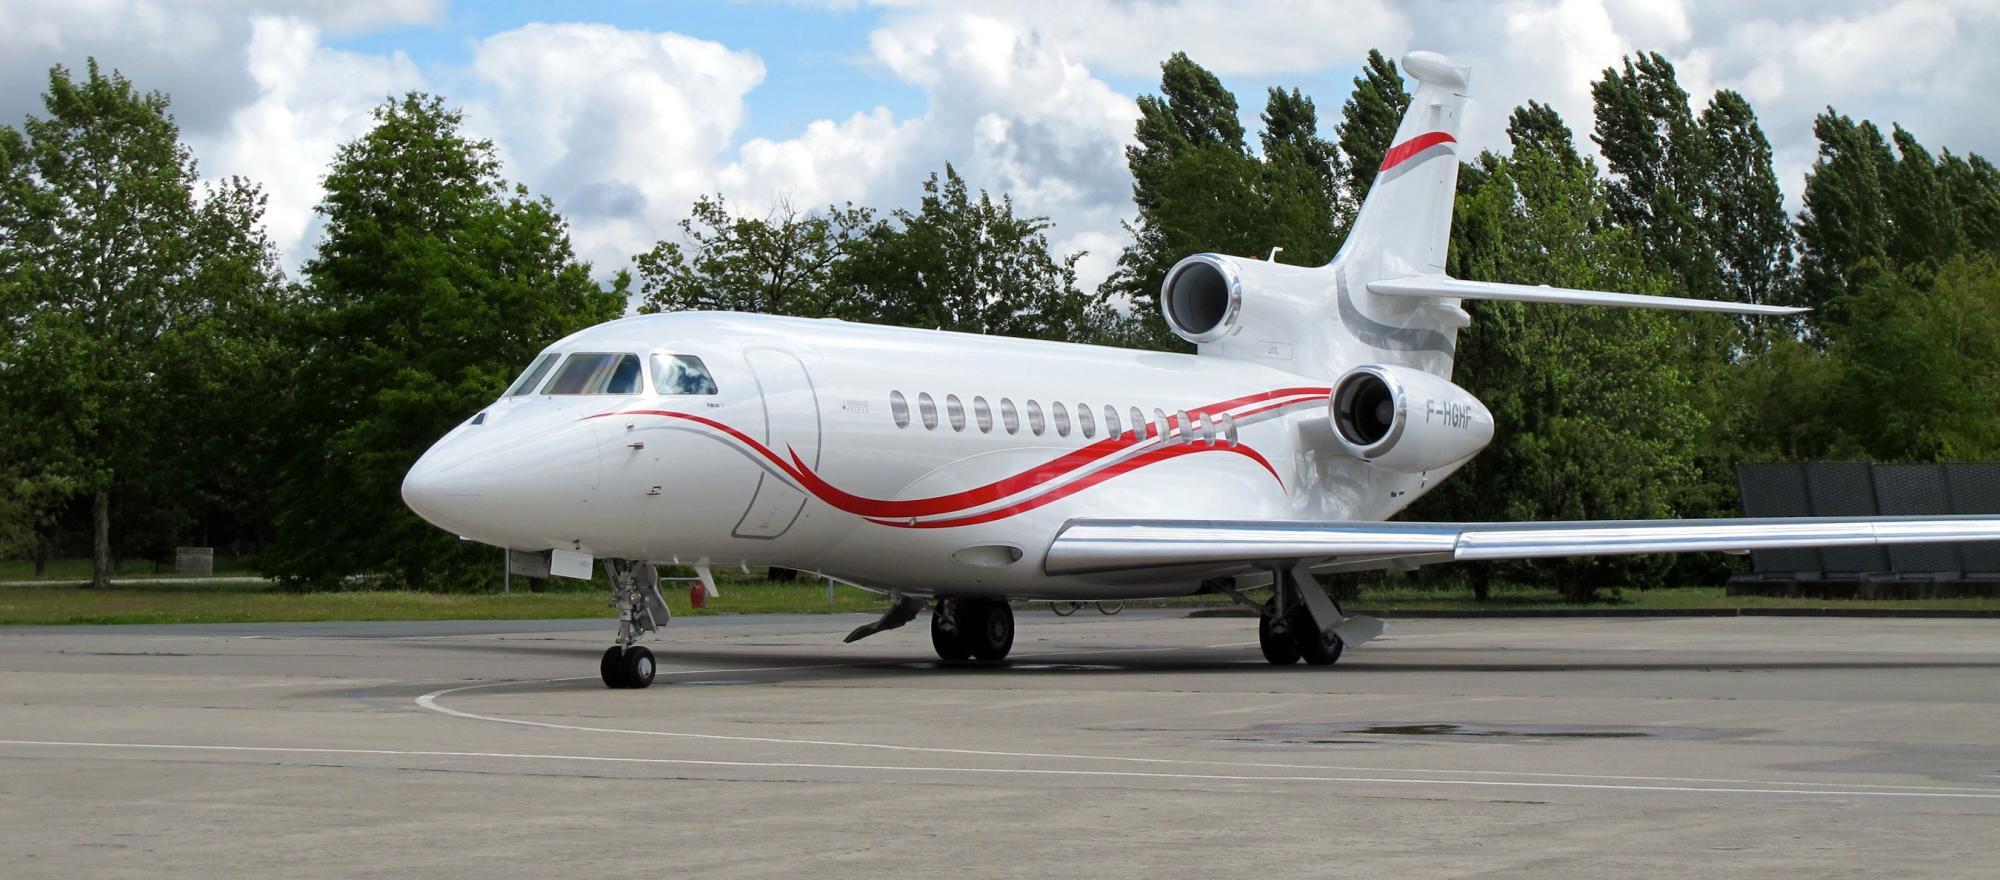 Predicatore chiede ai fedeli 54 milioni per un jet privato